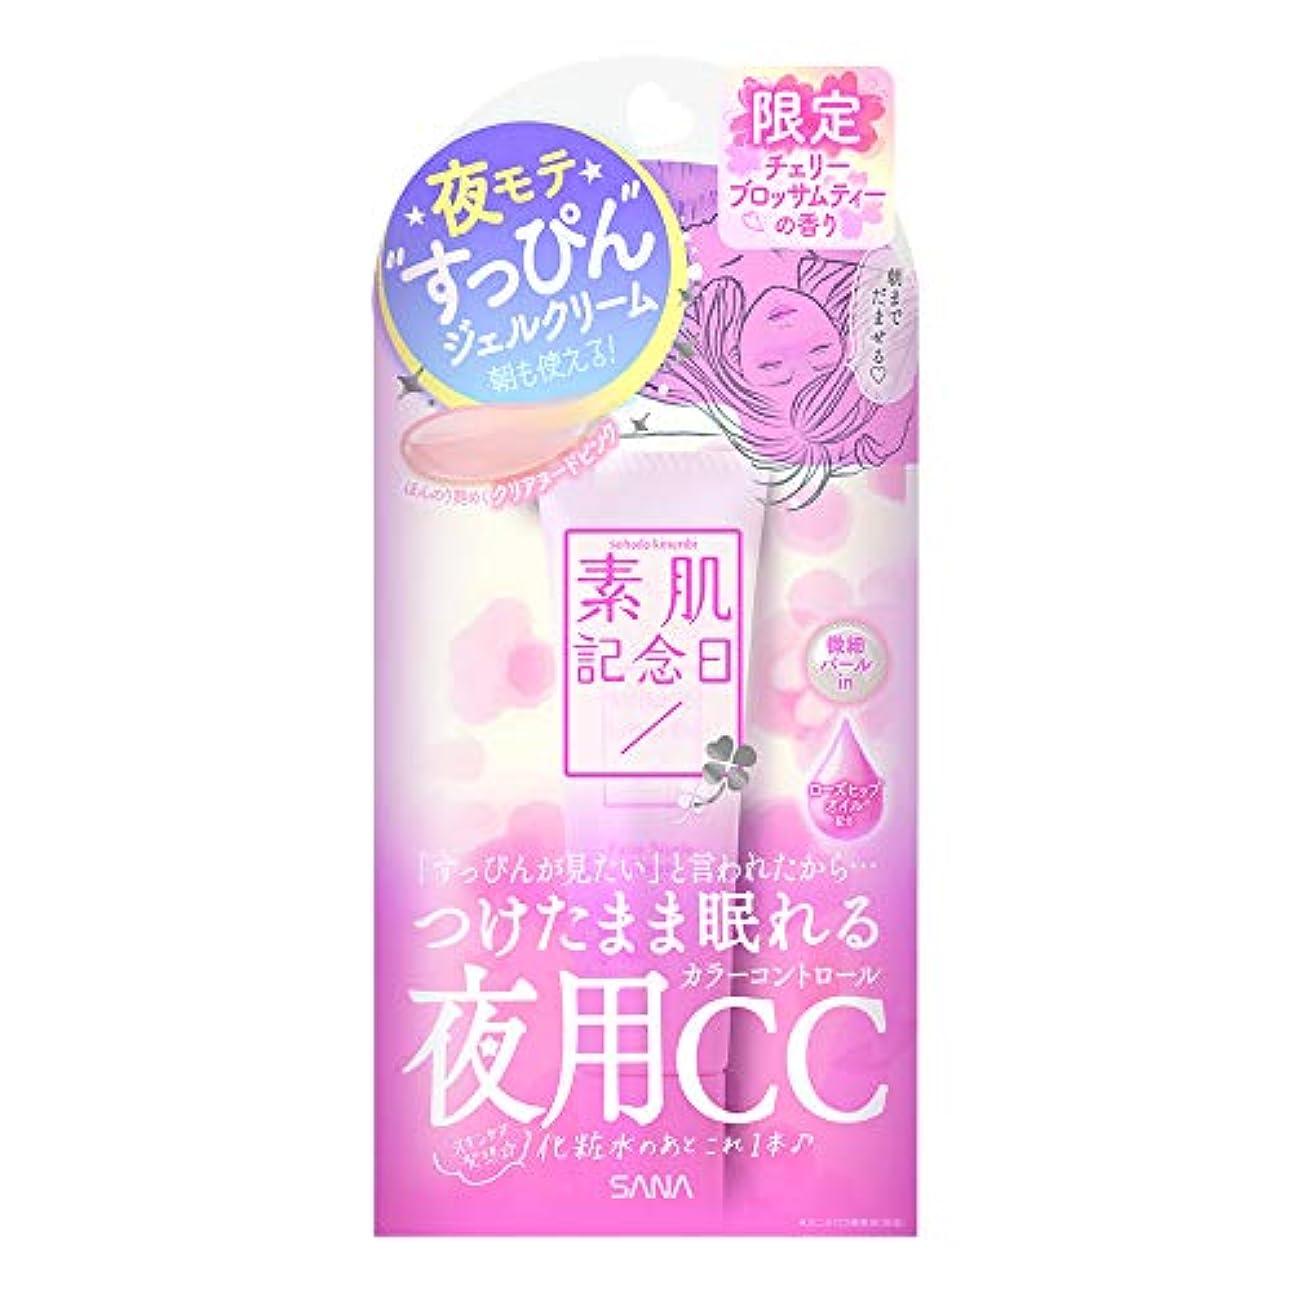 素肌記念日 フェイクヌードクリーム ヌードピンク チェリーブロッサムティの香り 30g